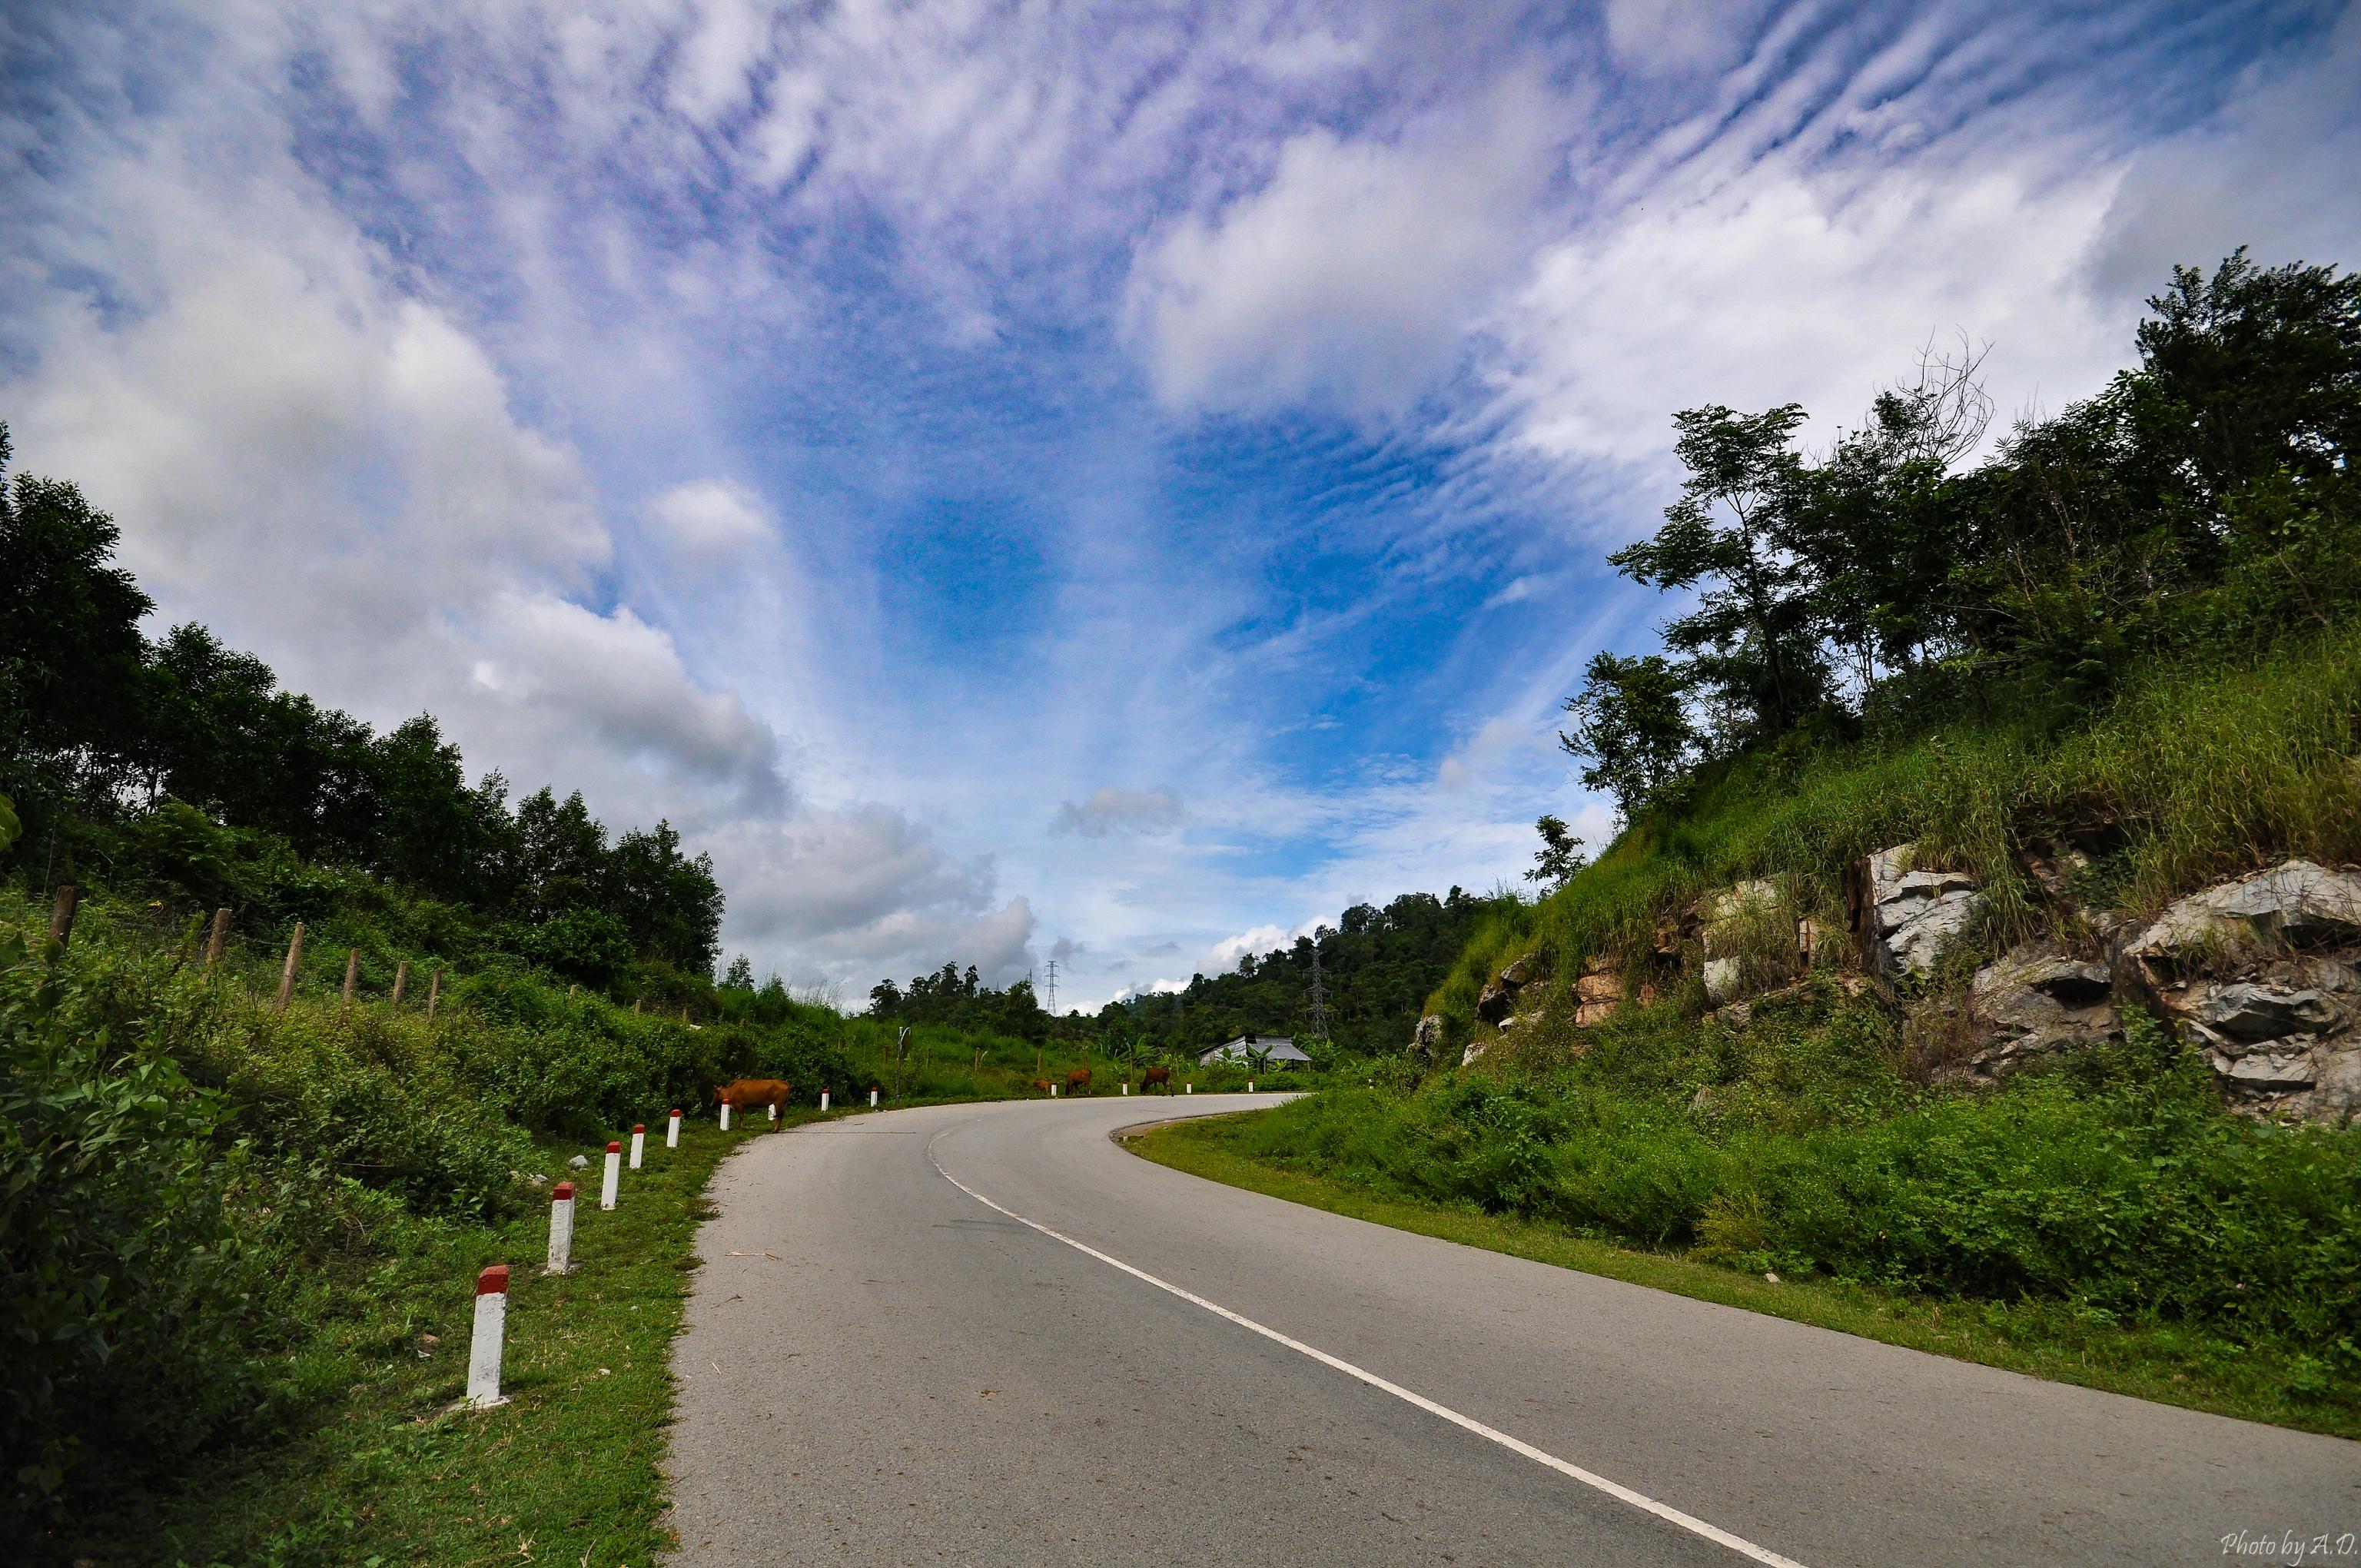 Download 104 Background Pemandangan Jalan Paling Keren